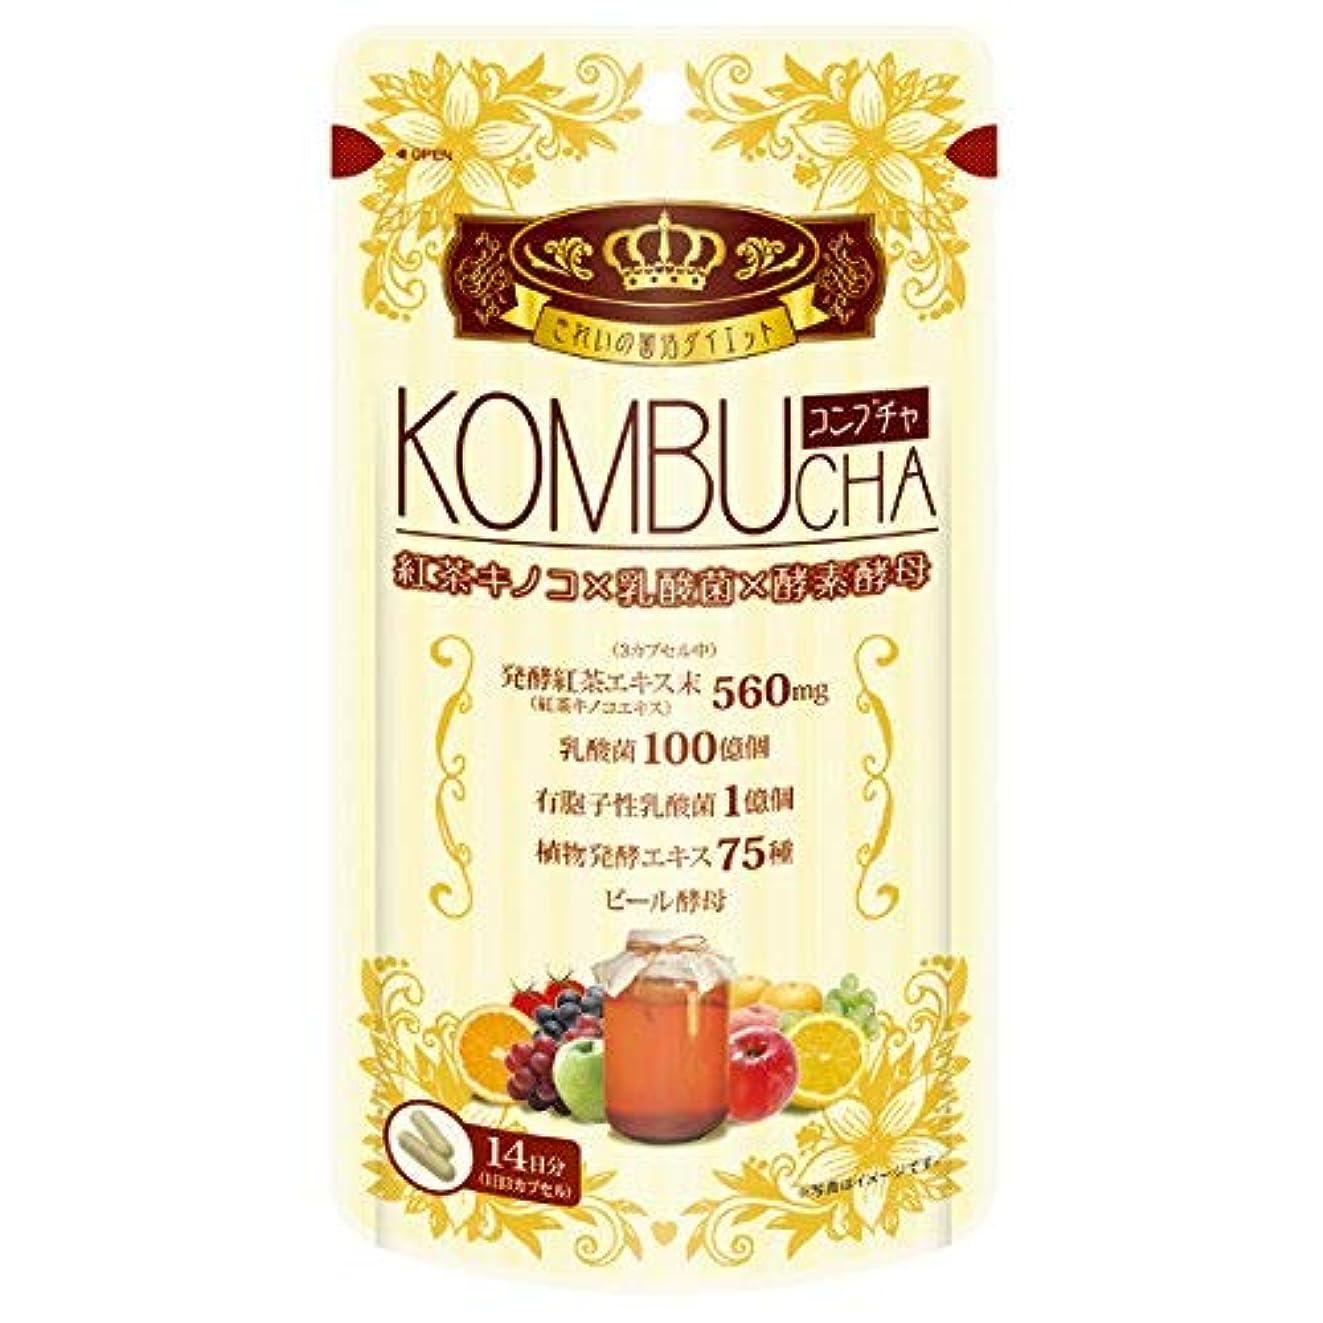 マナーする必要がある茎ユーワ YUWA KOMBUCHA 42粒 コンブチャ(腸活 菌活) 2個セット